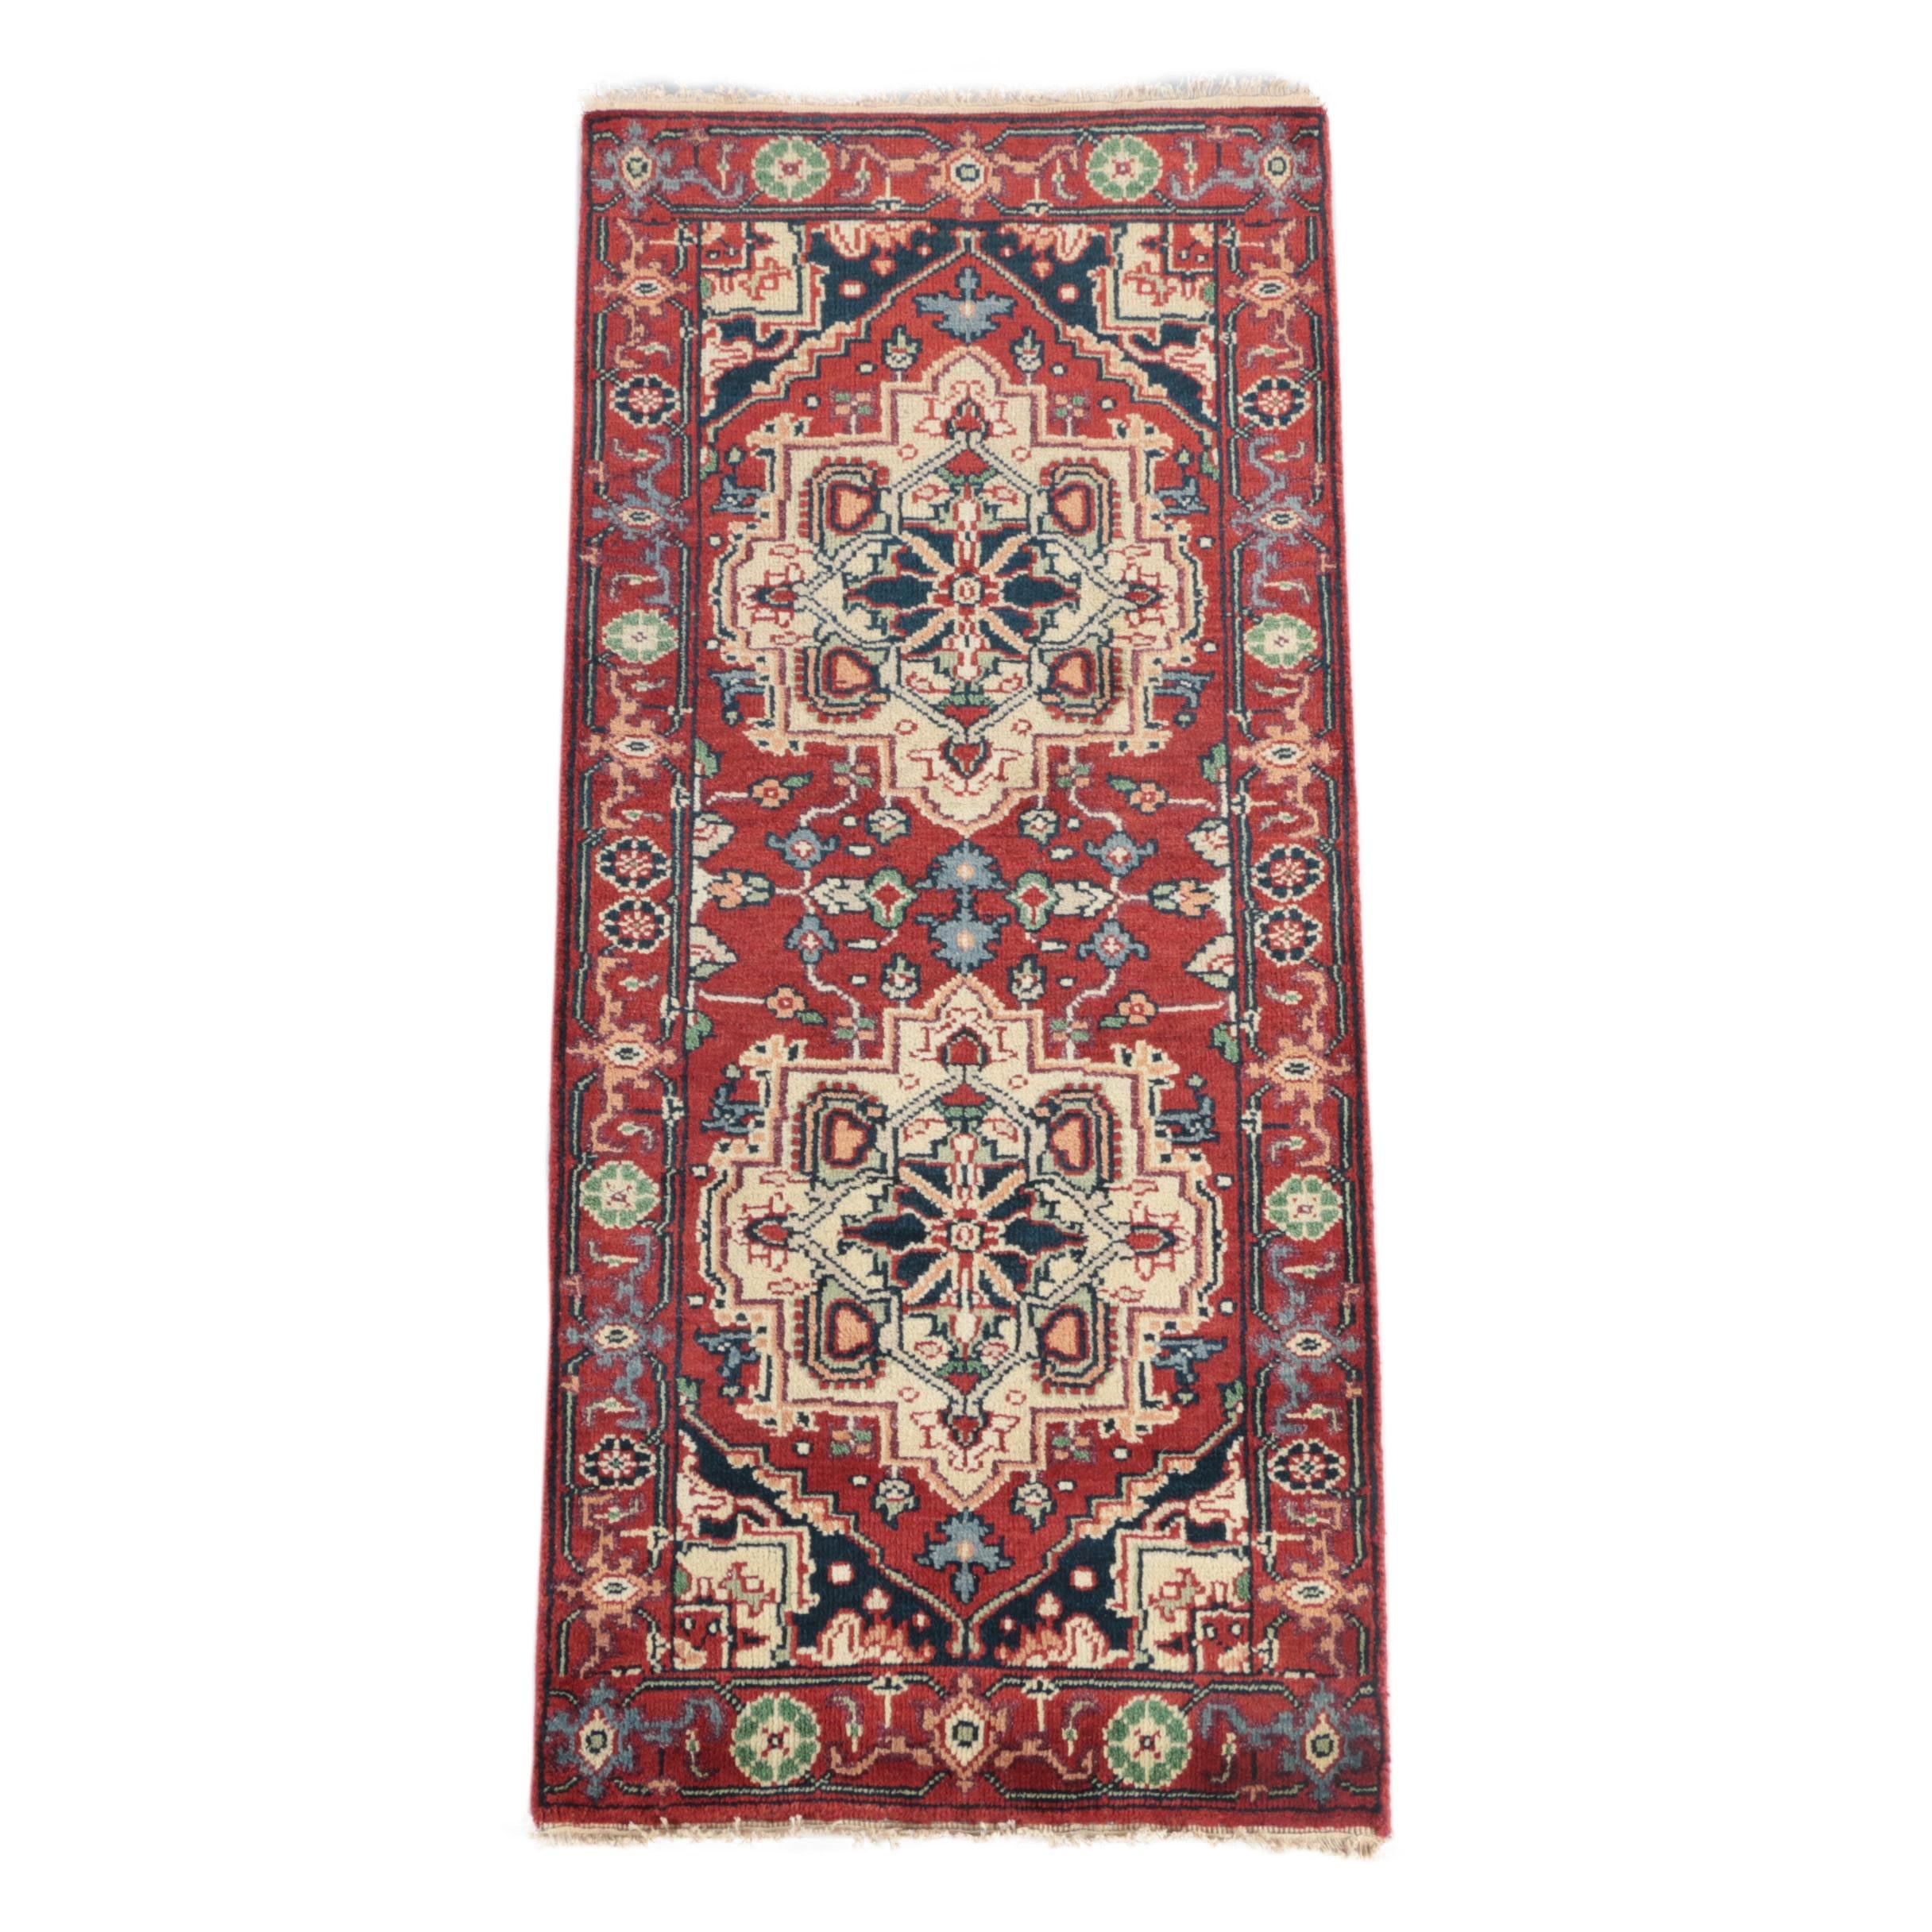 Hand-Knotted Persian Bakhshayesh Heriz Carpet Runner